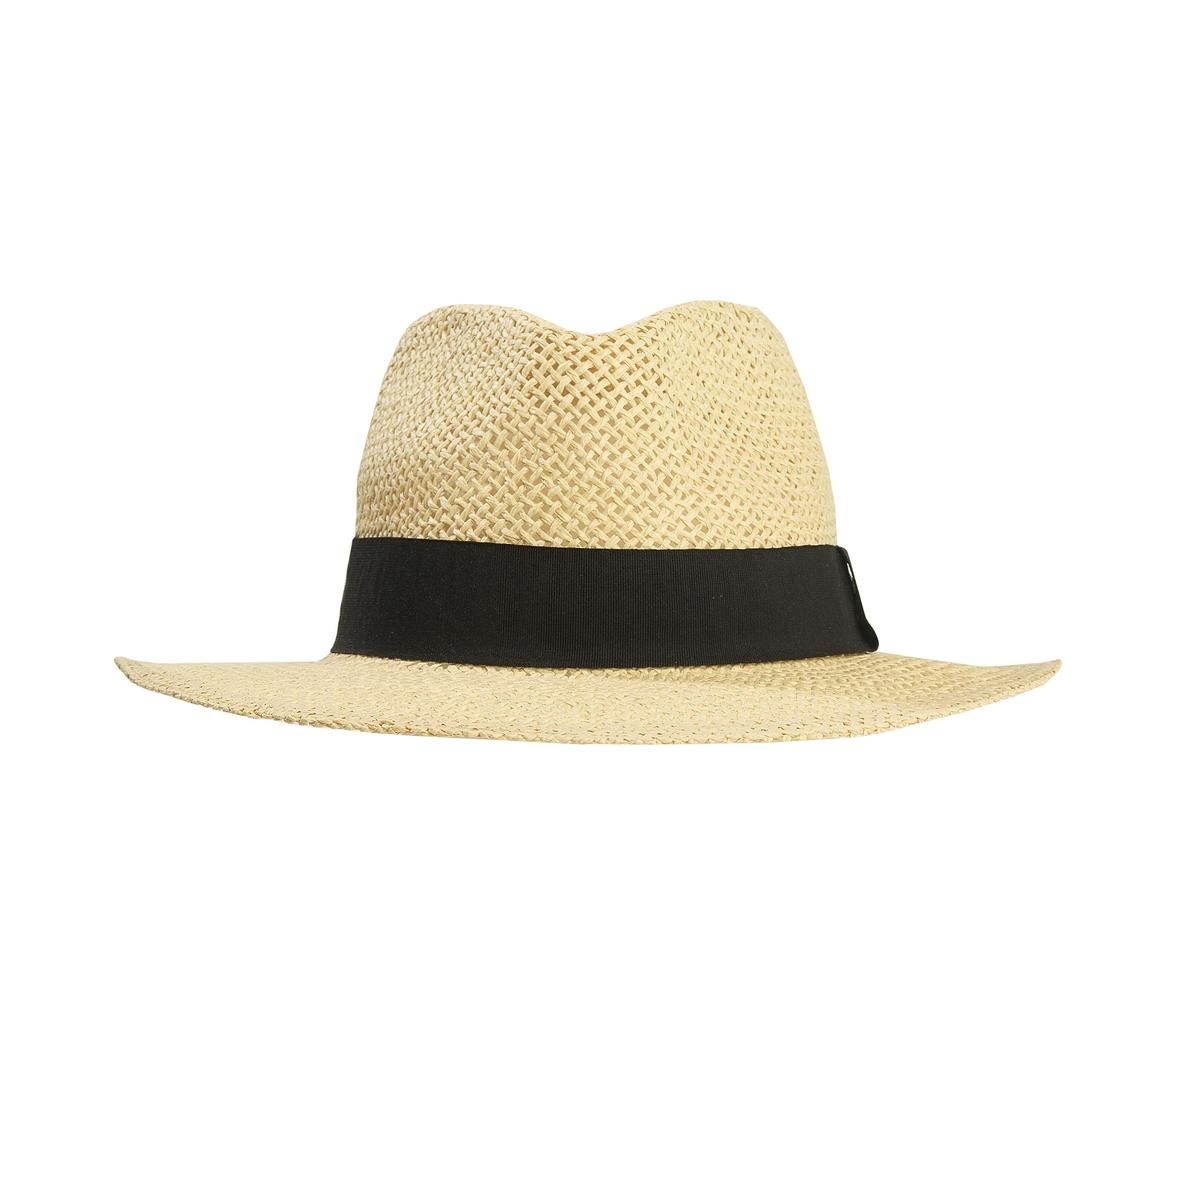 Шляпа соломеннаяСостав и описание :Материал : 100% соломыМарка : Atelier R.Размеры : окружность головы 56 см Отделка широким галуном.<br><br>Цвет: серо-бежевый